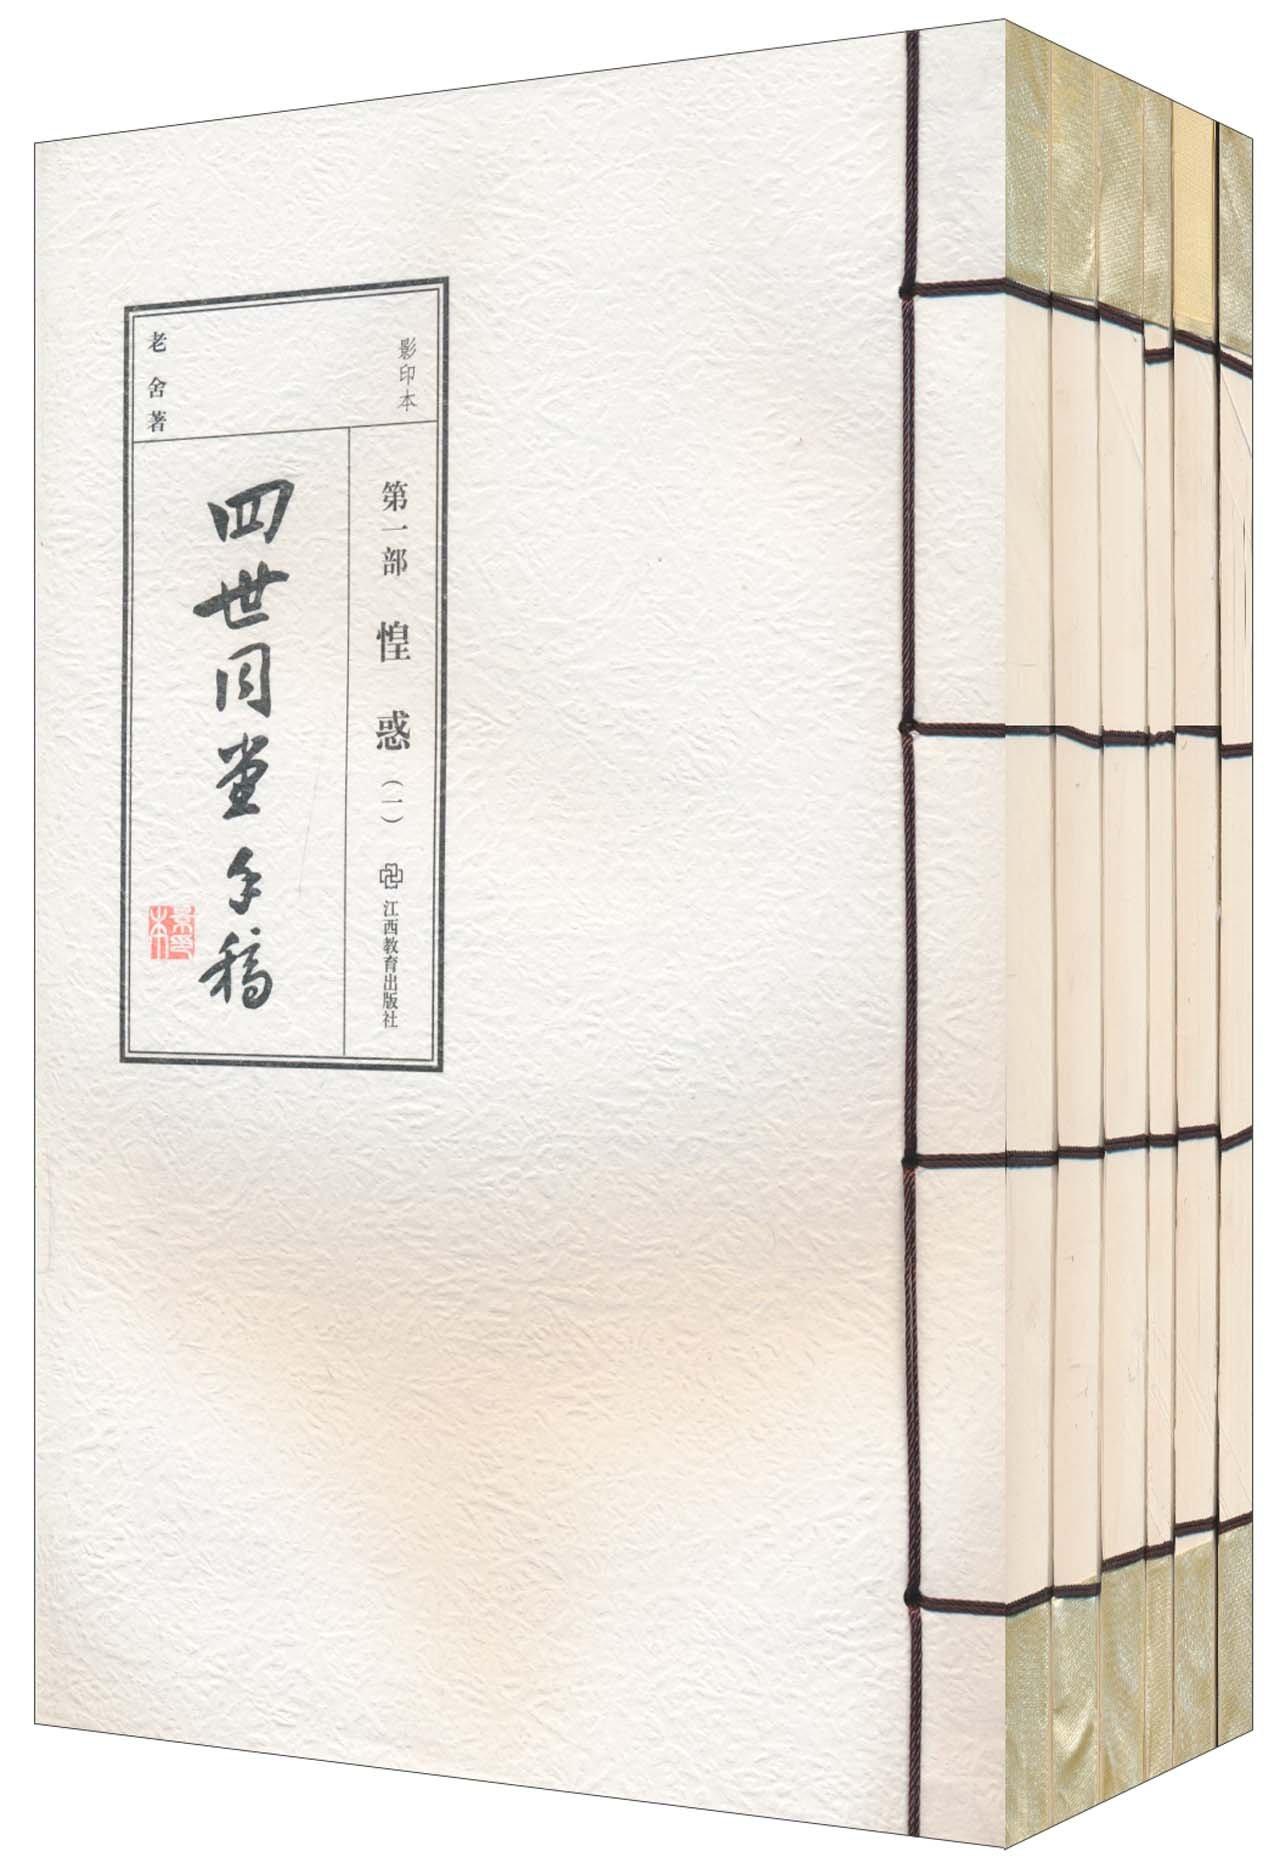 老舍四世同堂手稿1-惶惑(影印本)